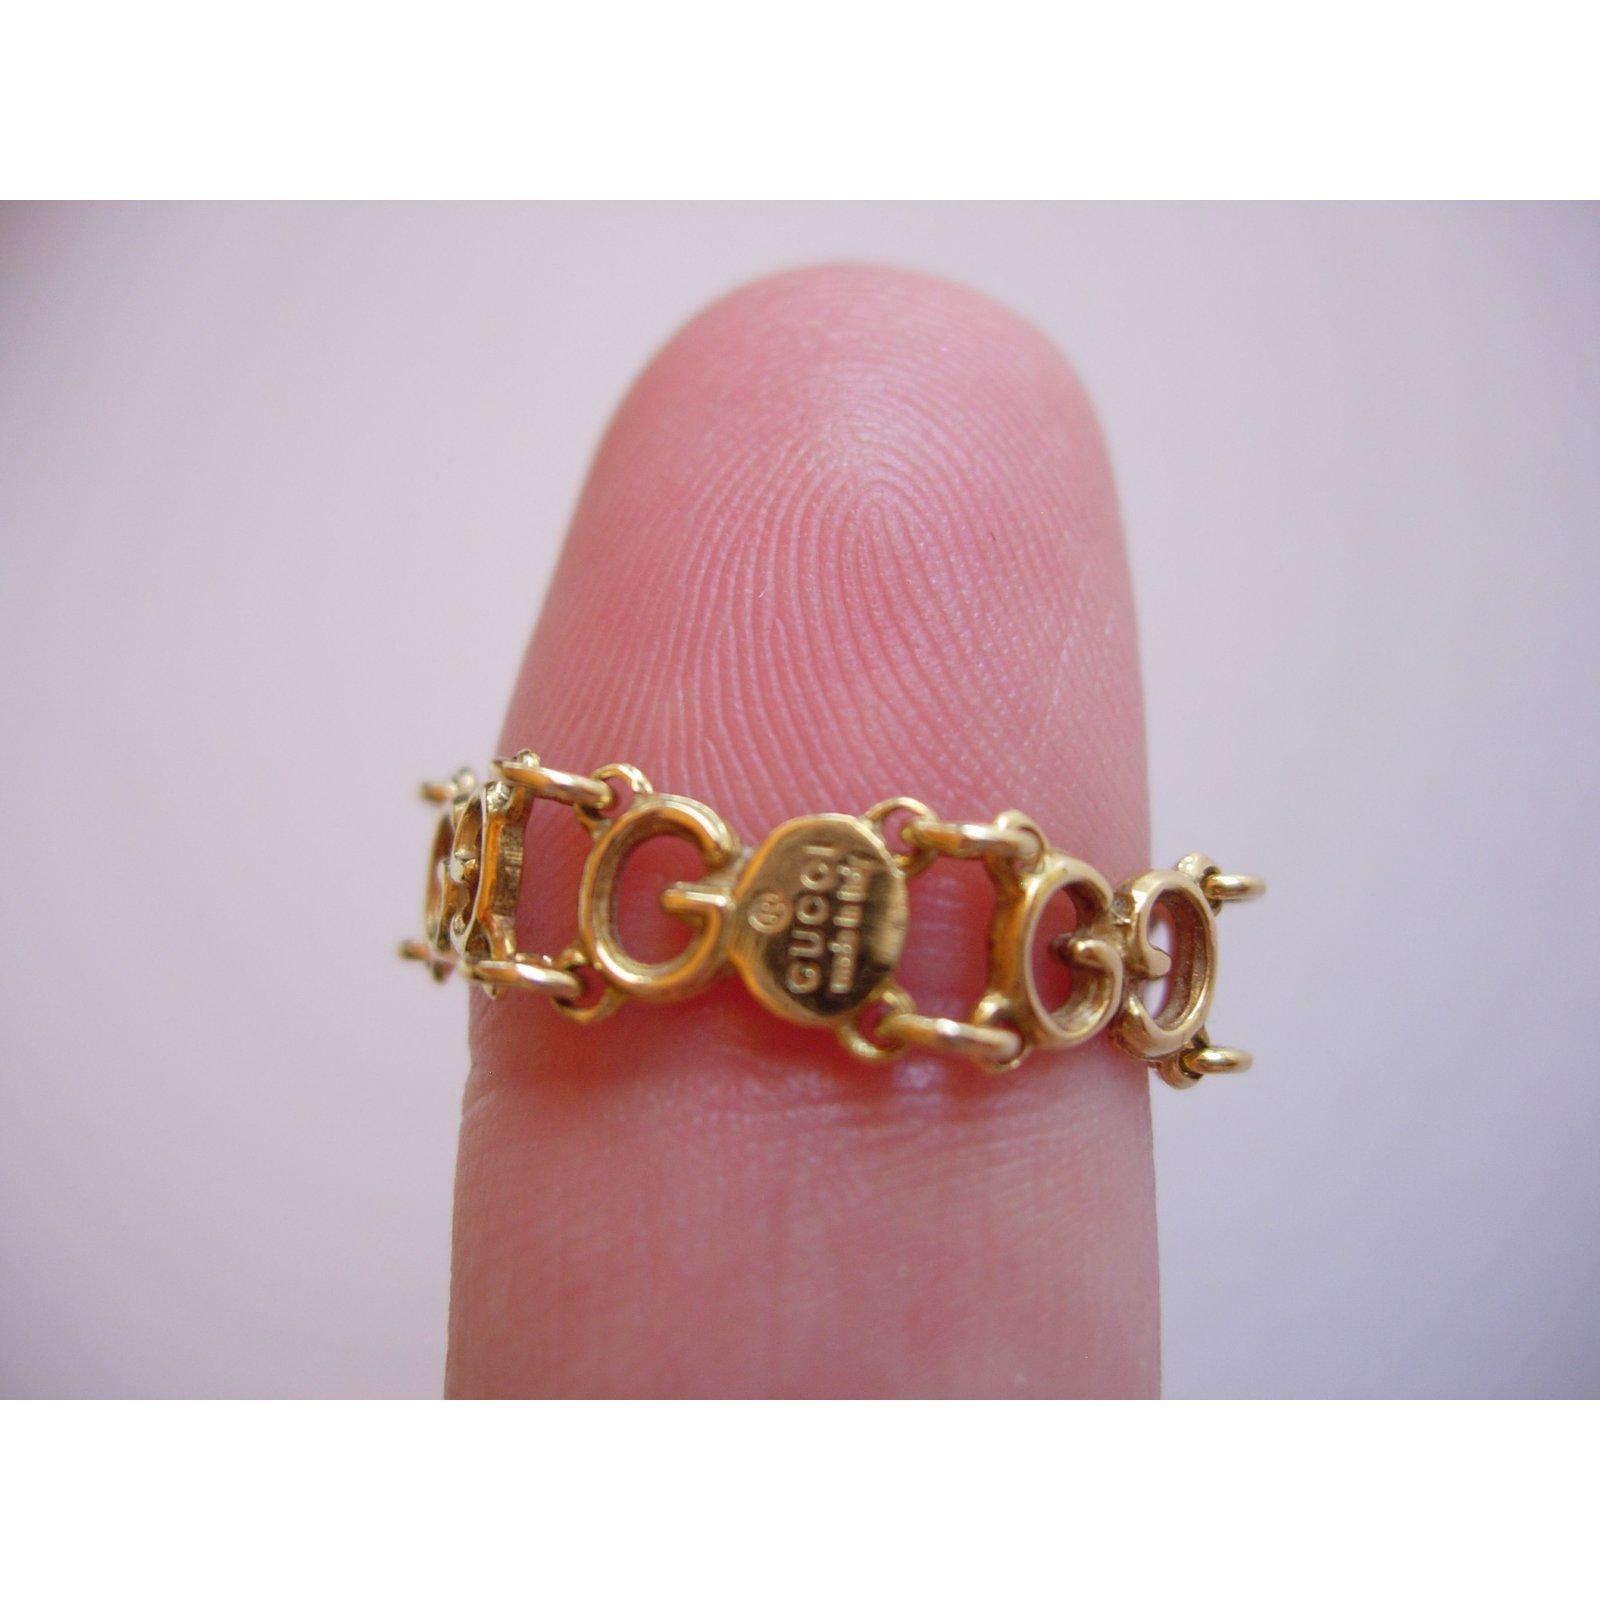 829a6725011d57 Gucci GG Ring Rings Yellow gold Golden ref.52923 - Joli Closet